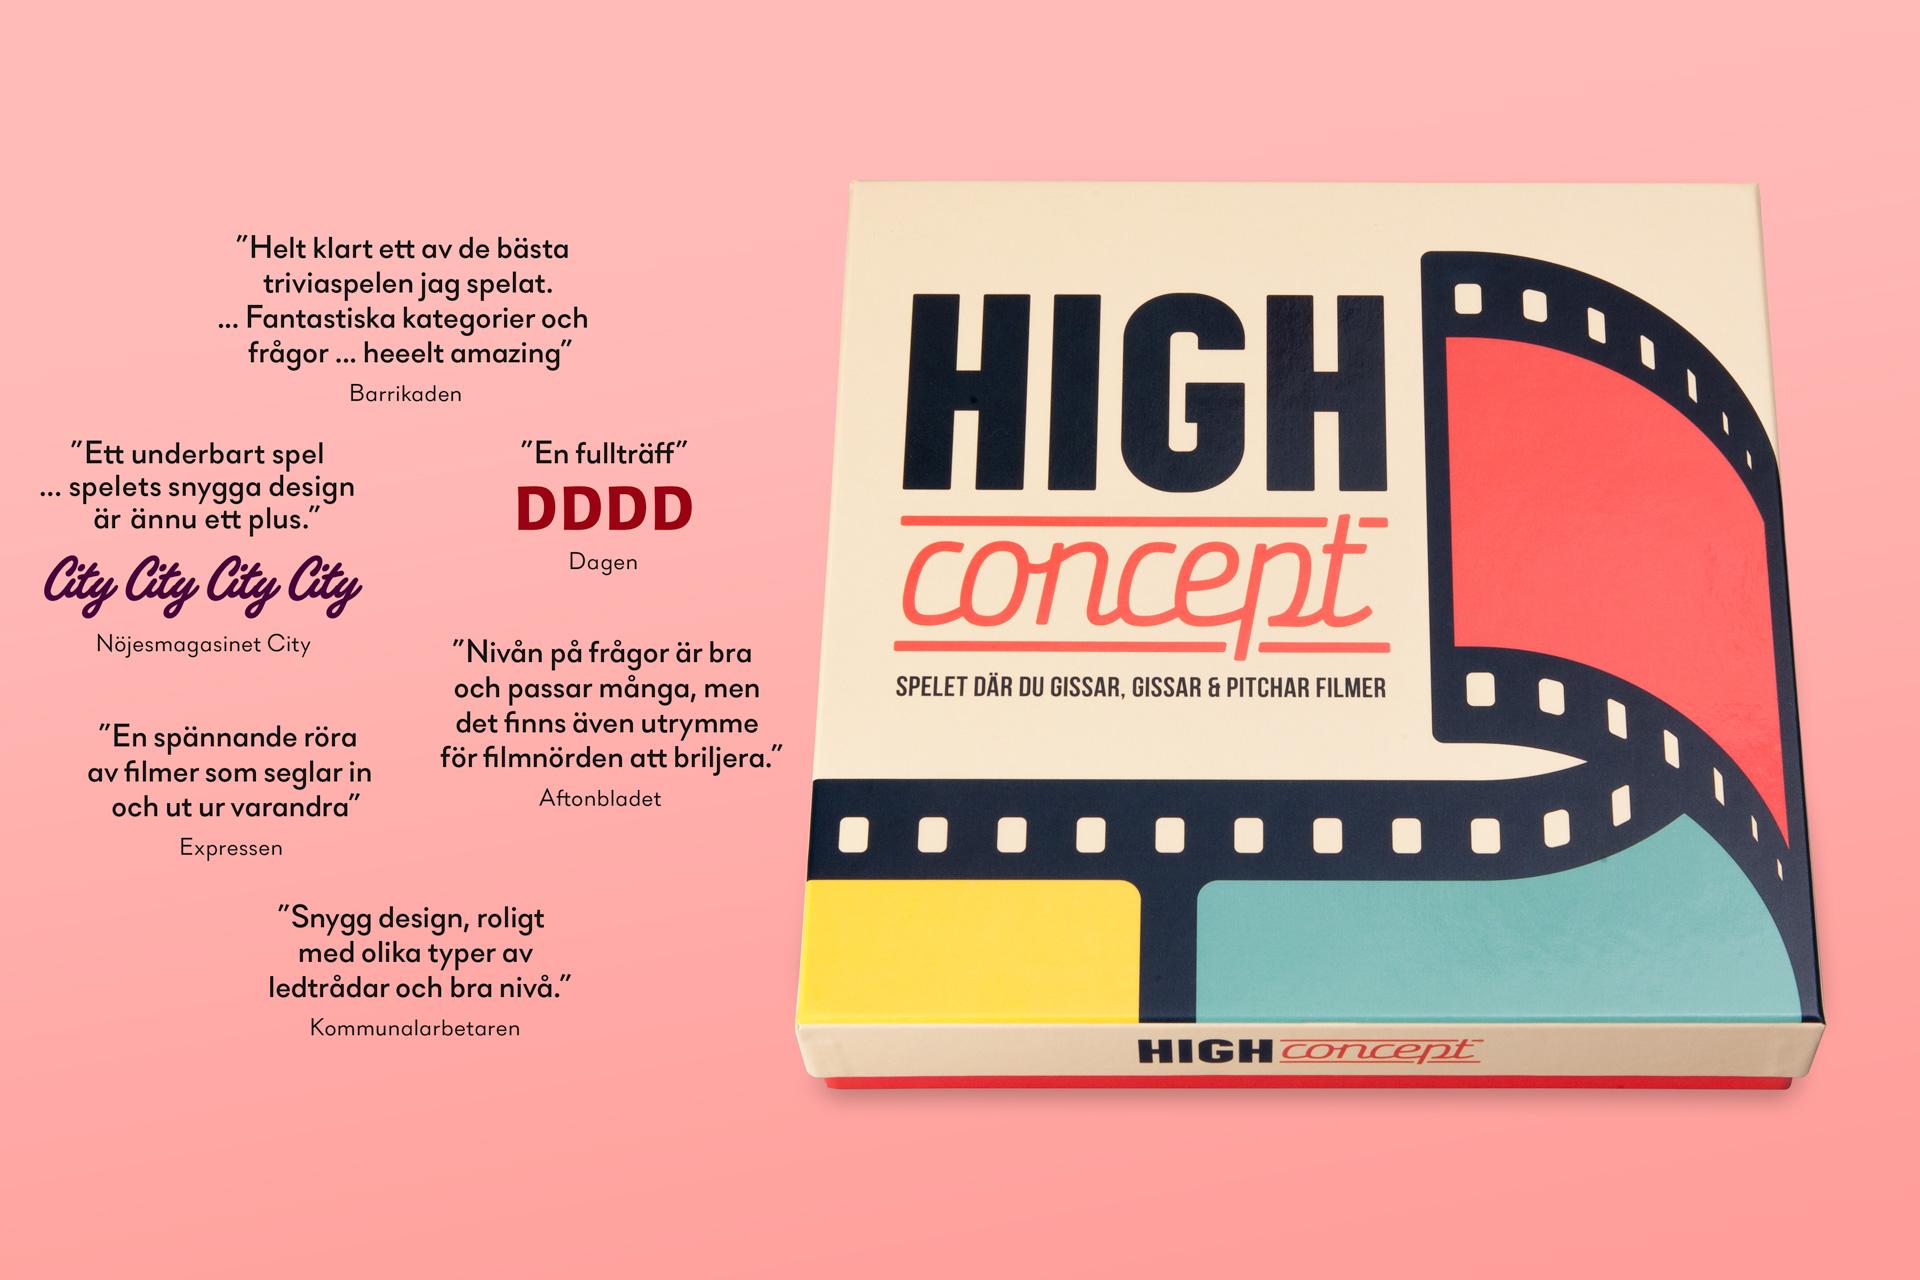 blurb-high_concept.jpg